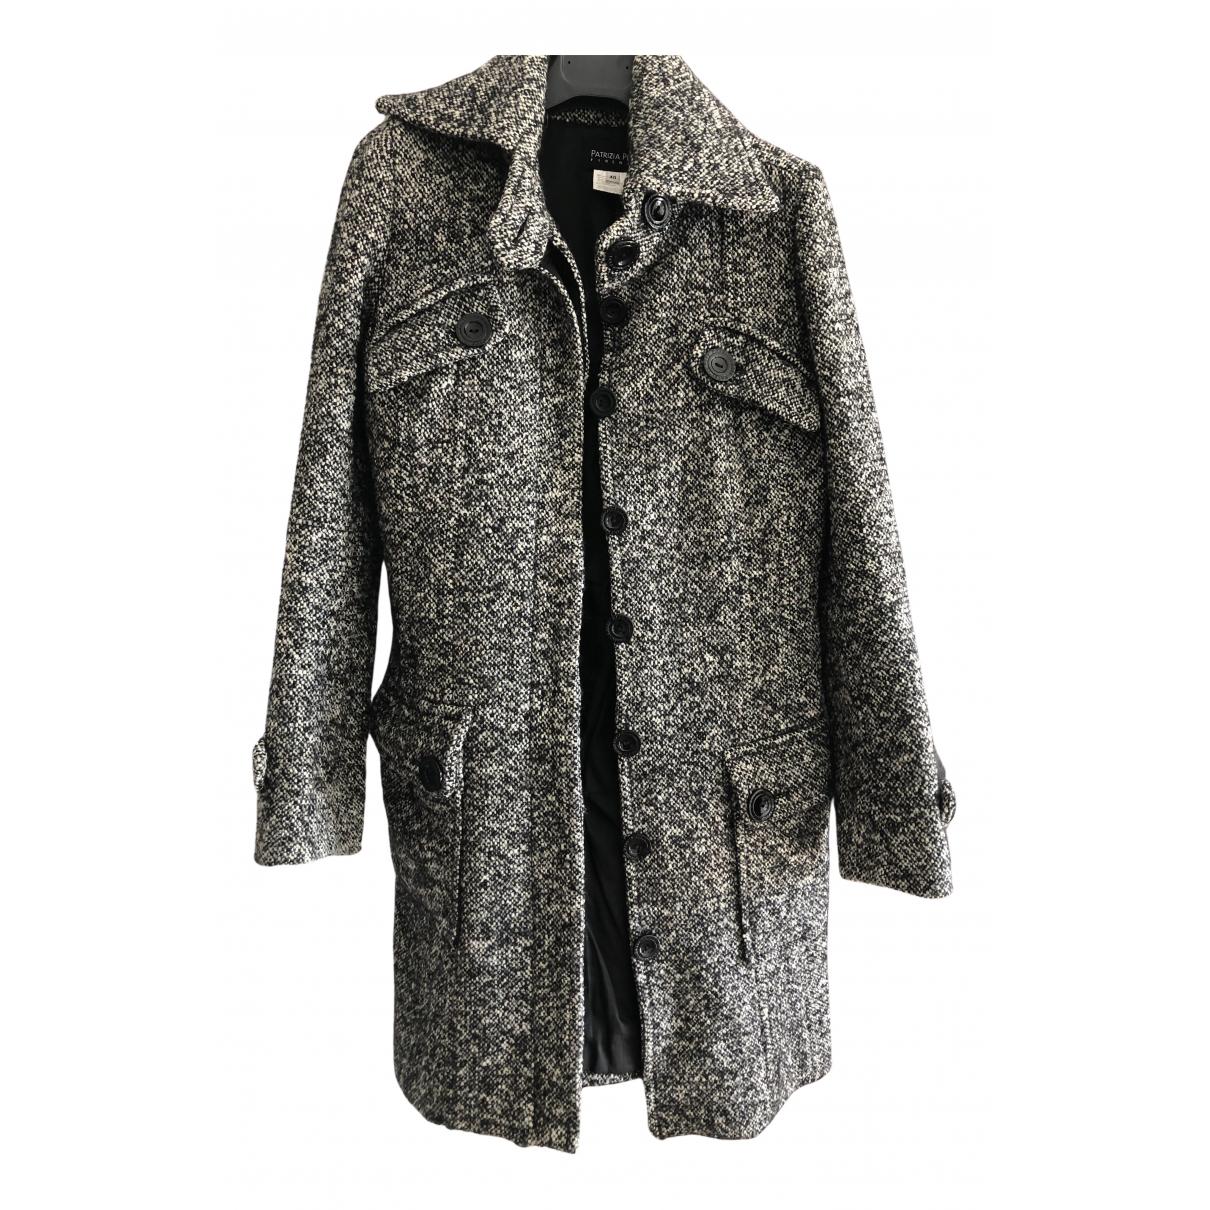 Patrizia Pepe - Manteau   pour femme en laine - multicolore